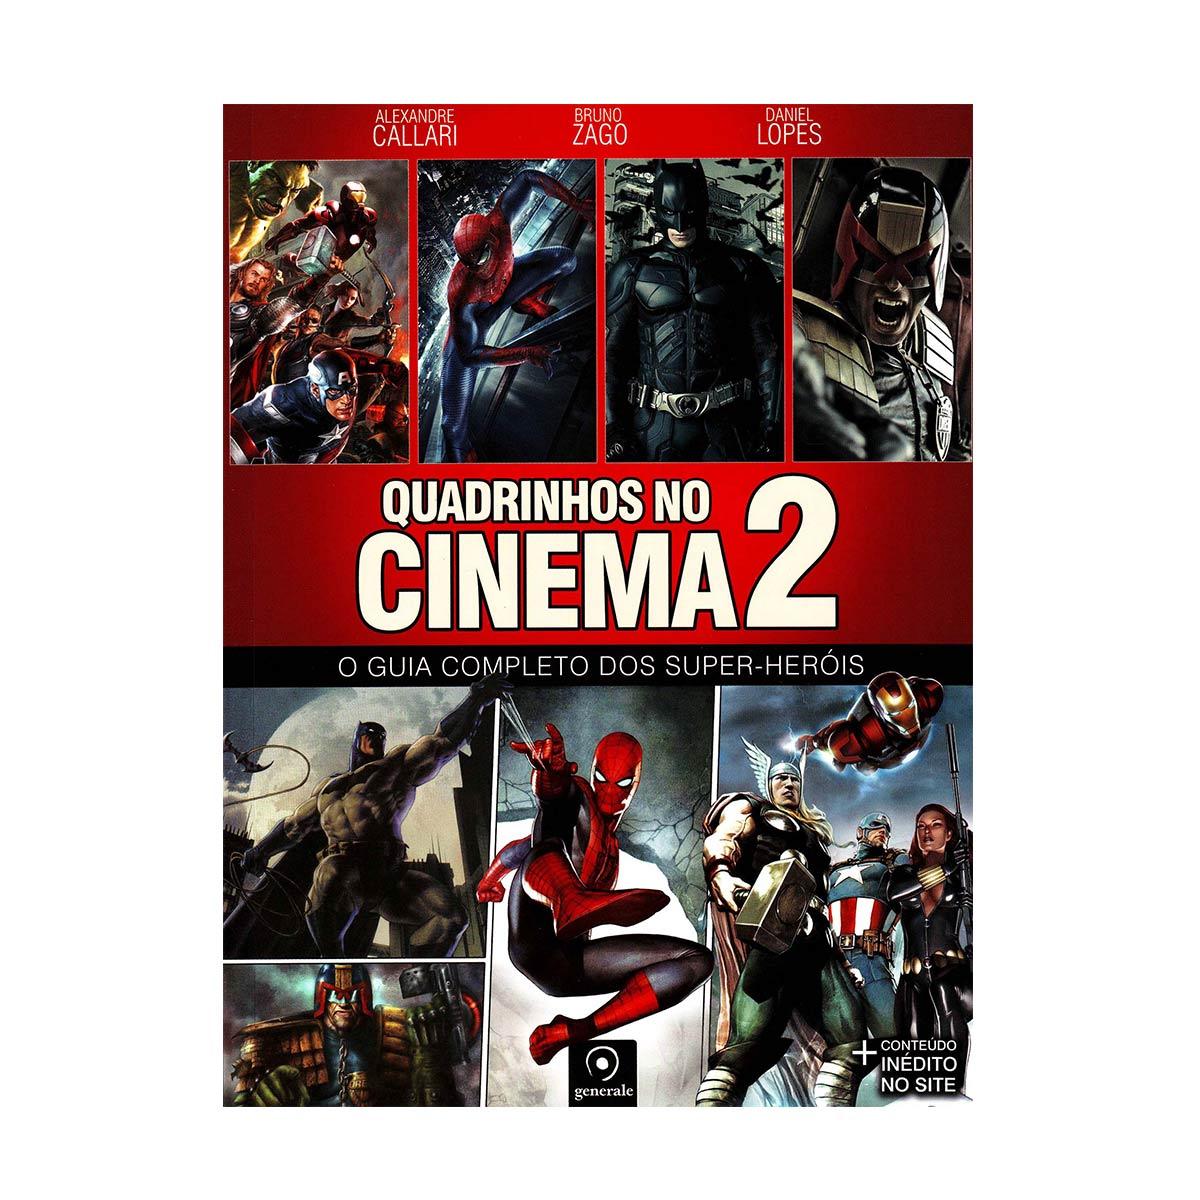 Livro Quadrinhos no Cinema 2 - O Guia Completo dos Super-Heróis